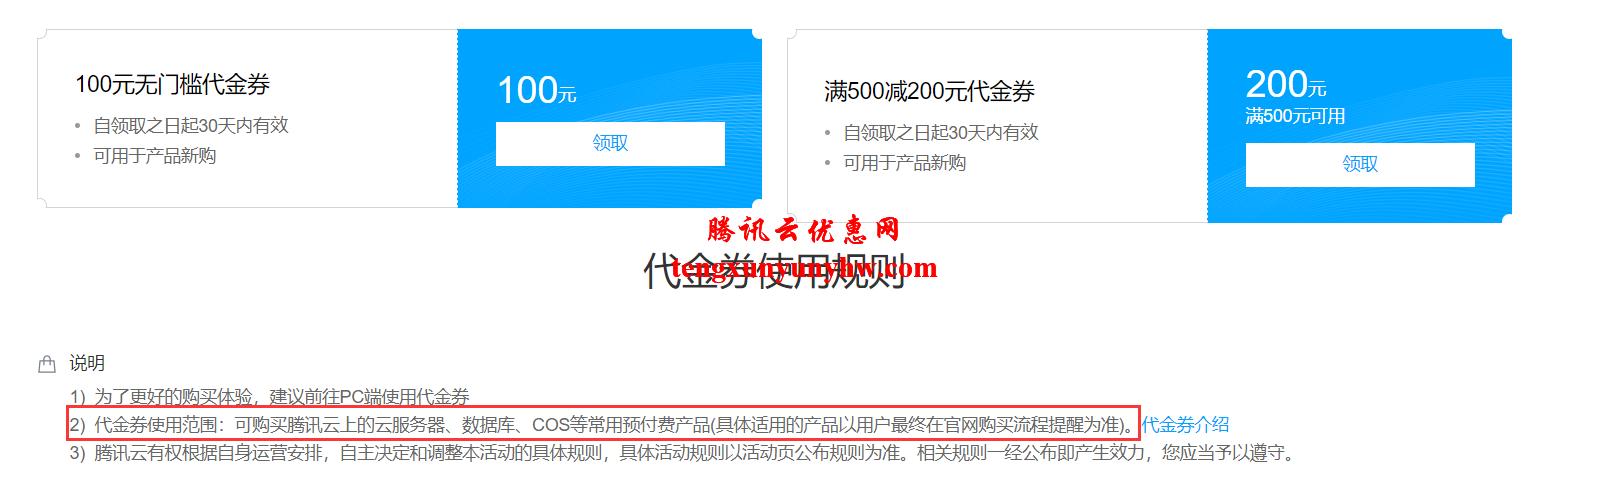 腾讯云100元无门槛代金券